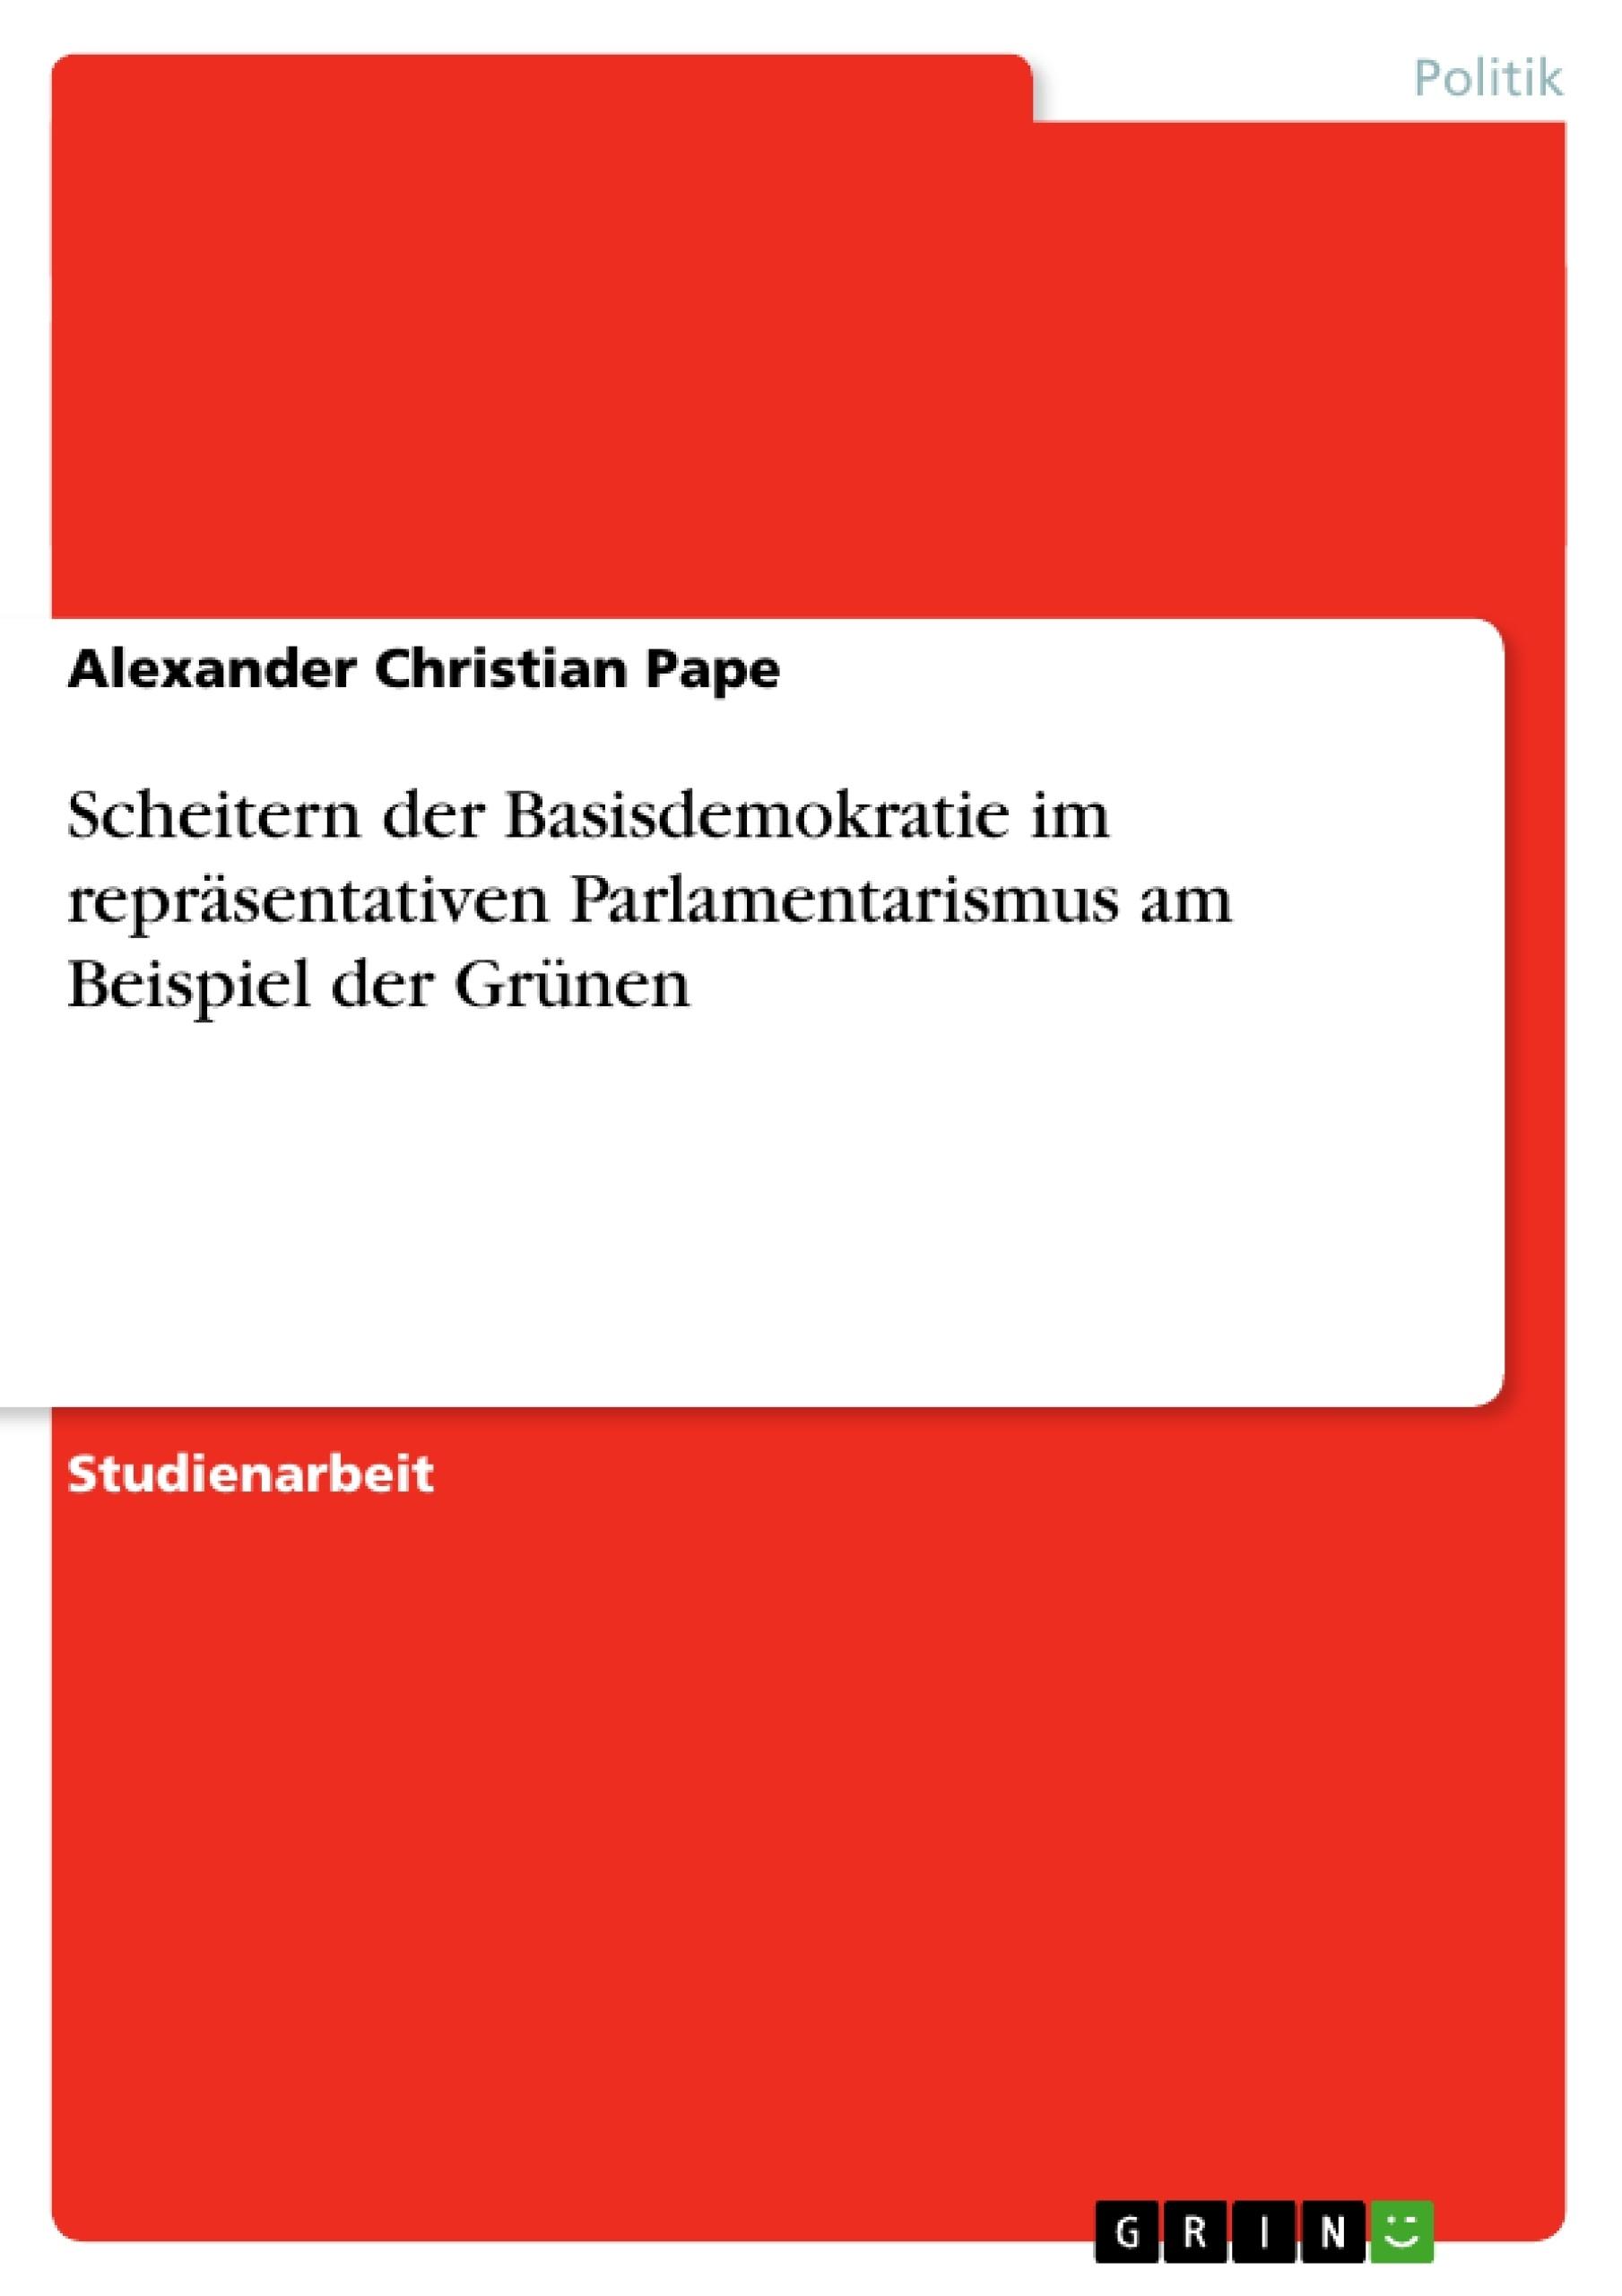 Titel: Scheitern der Basisdemokratie im repräsentativen Parlamentarismus am Beispiel der Grünen